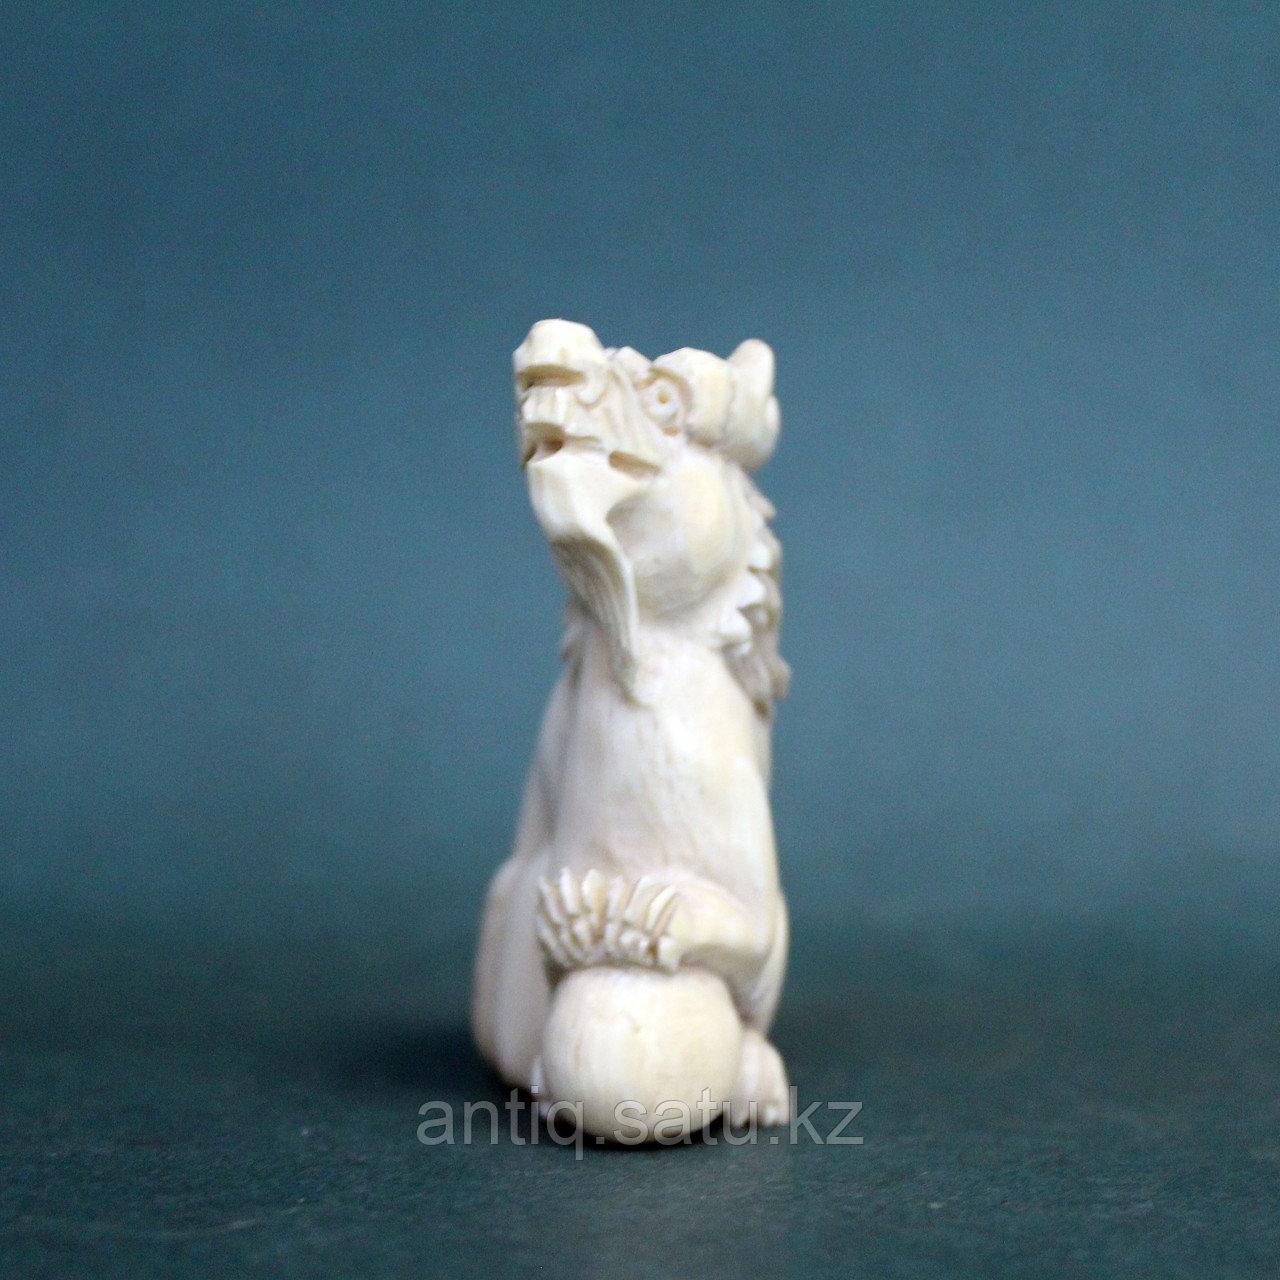 Слоновая кость. Карасиси Фо - небесный лев Будды. 52гр. - фото 5